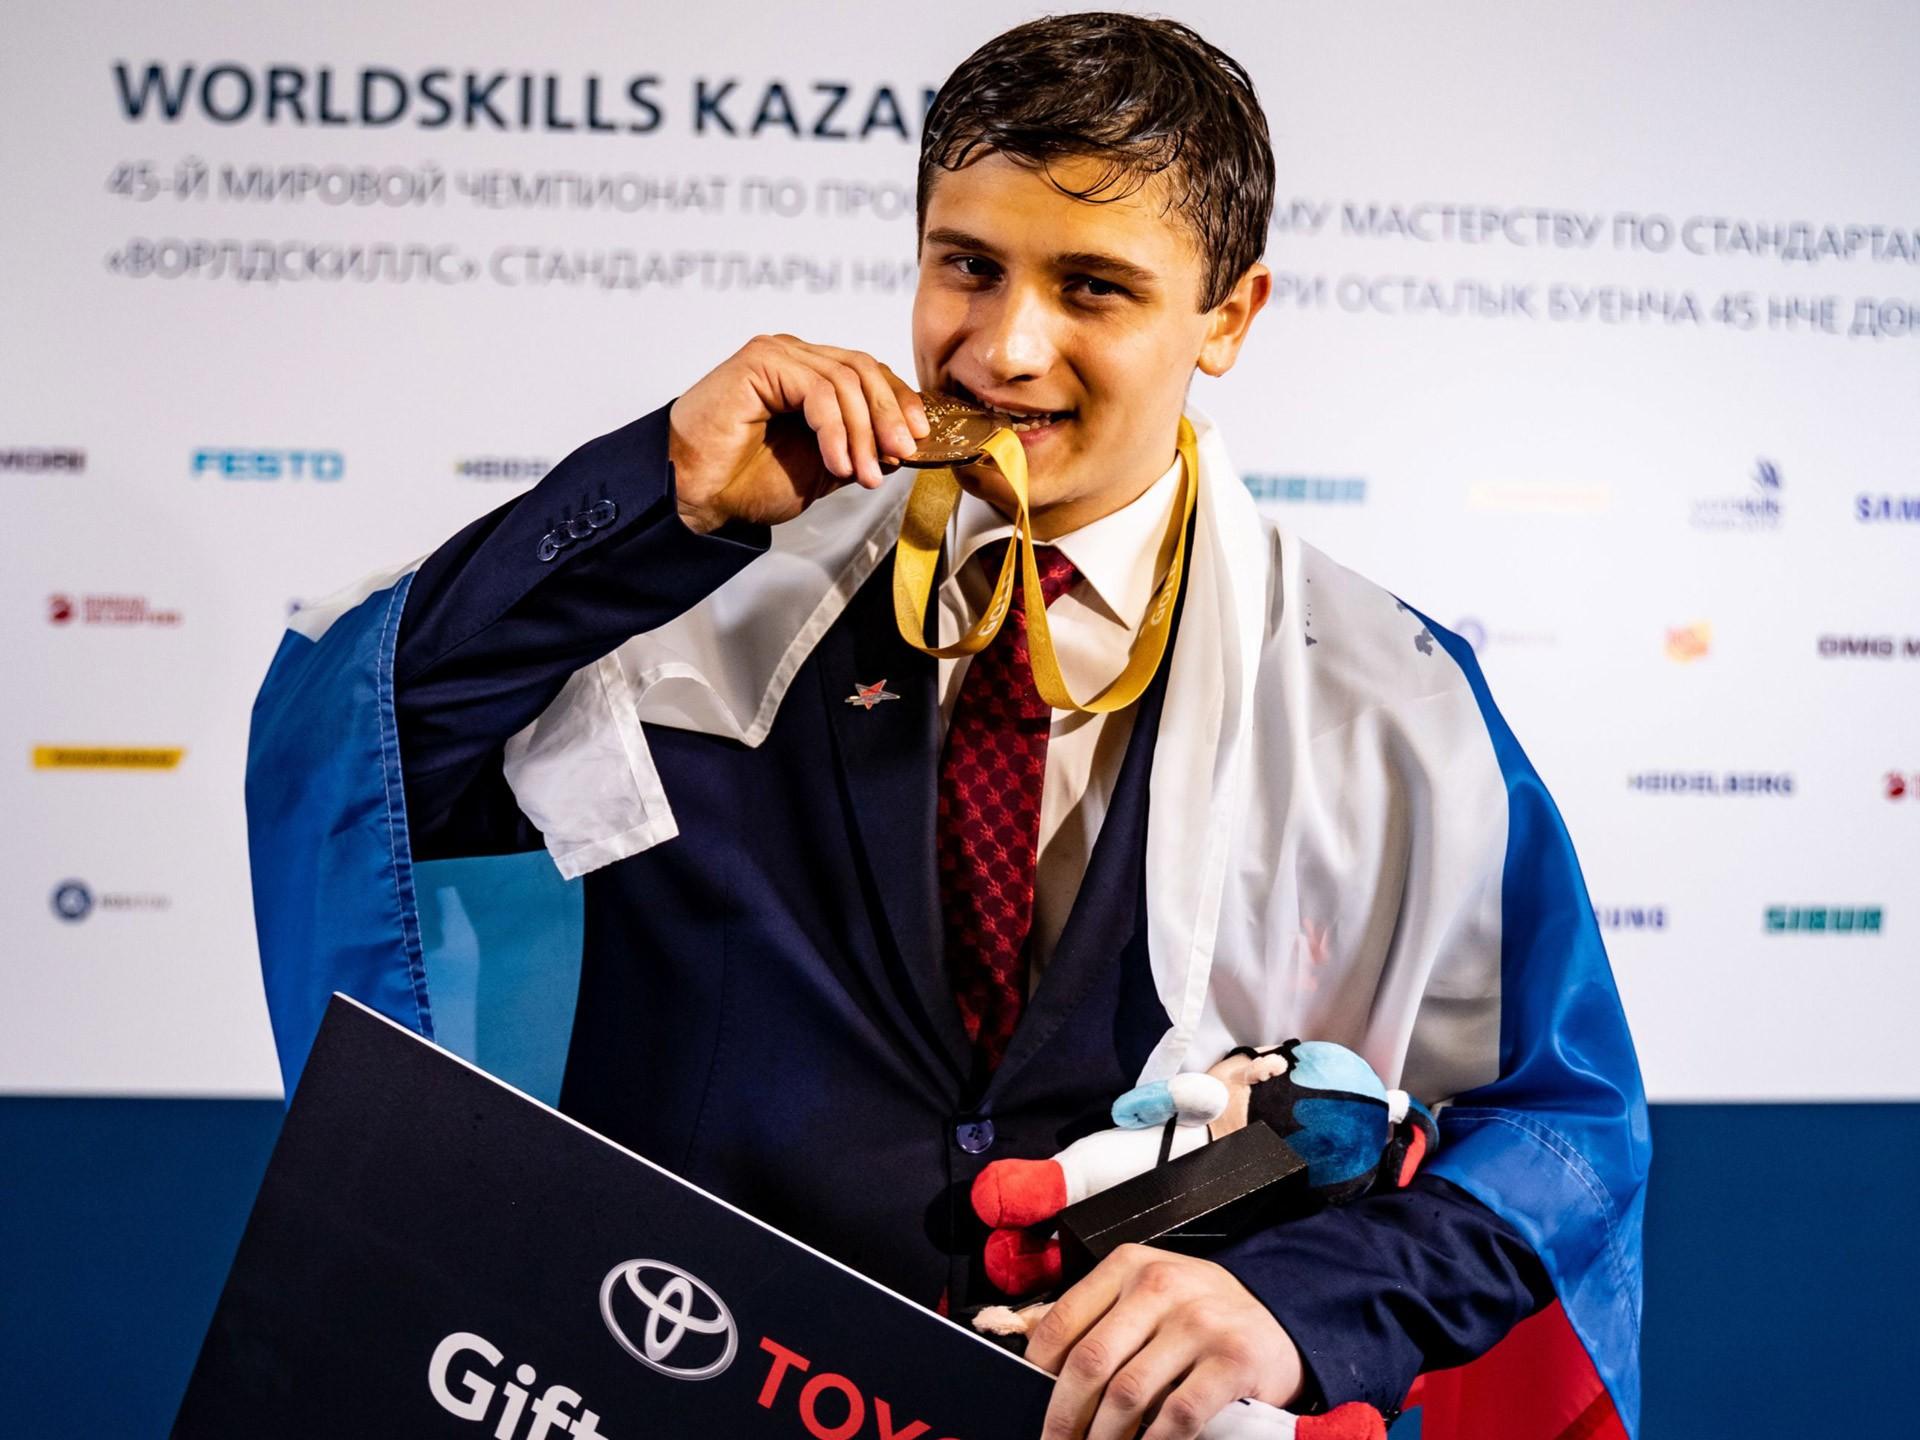 Доказано WorldSkills 2019: чемпионский уровень мастерства по ремонту и сервисному обслуживанию в дилерских центрах Тойоты